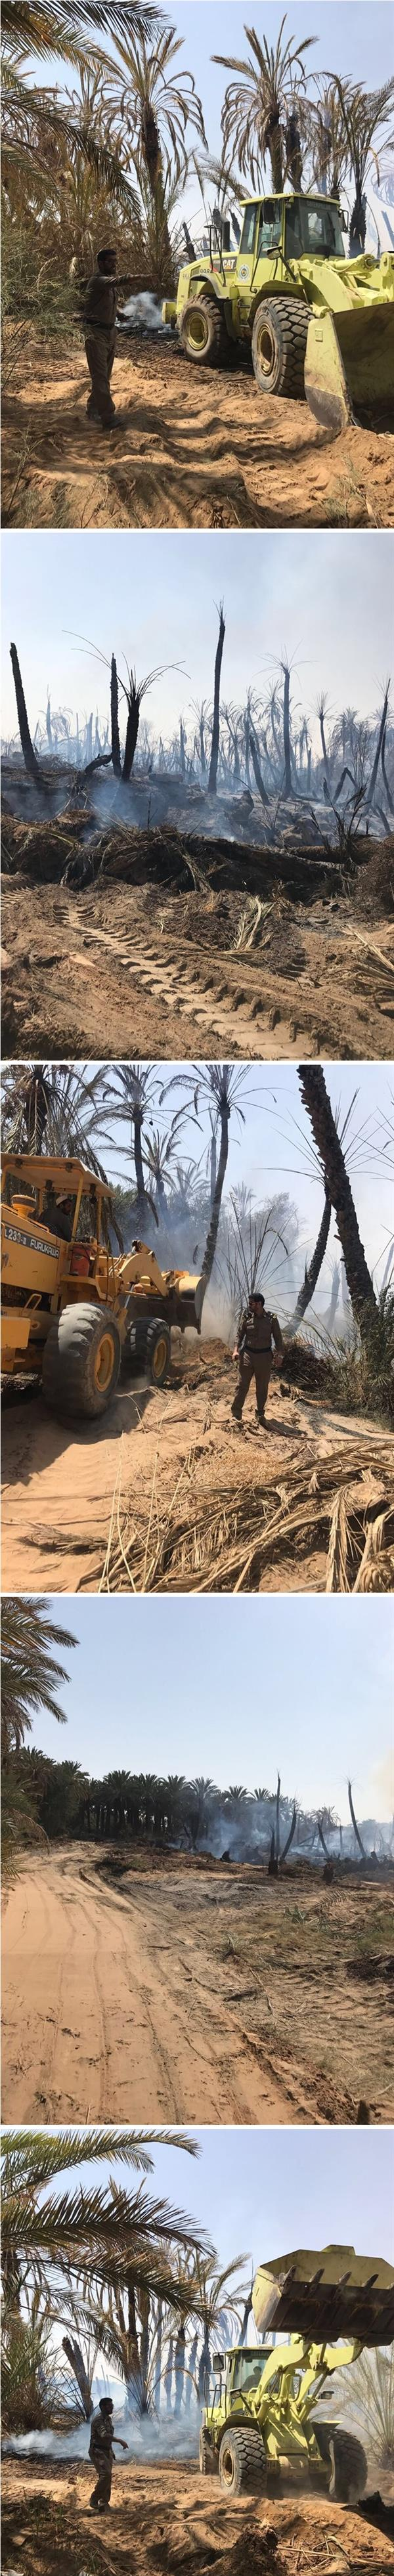 الدفاع المدني يسيطر على حريق بمزارع نخيل بوادي الدواسر